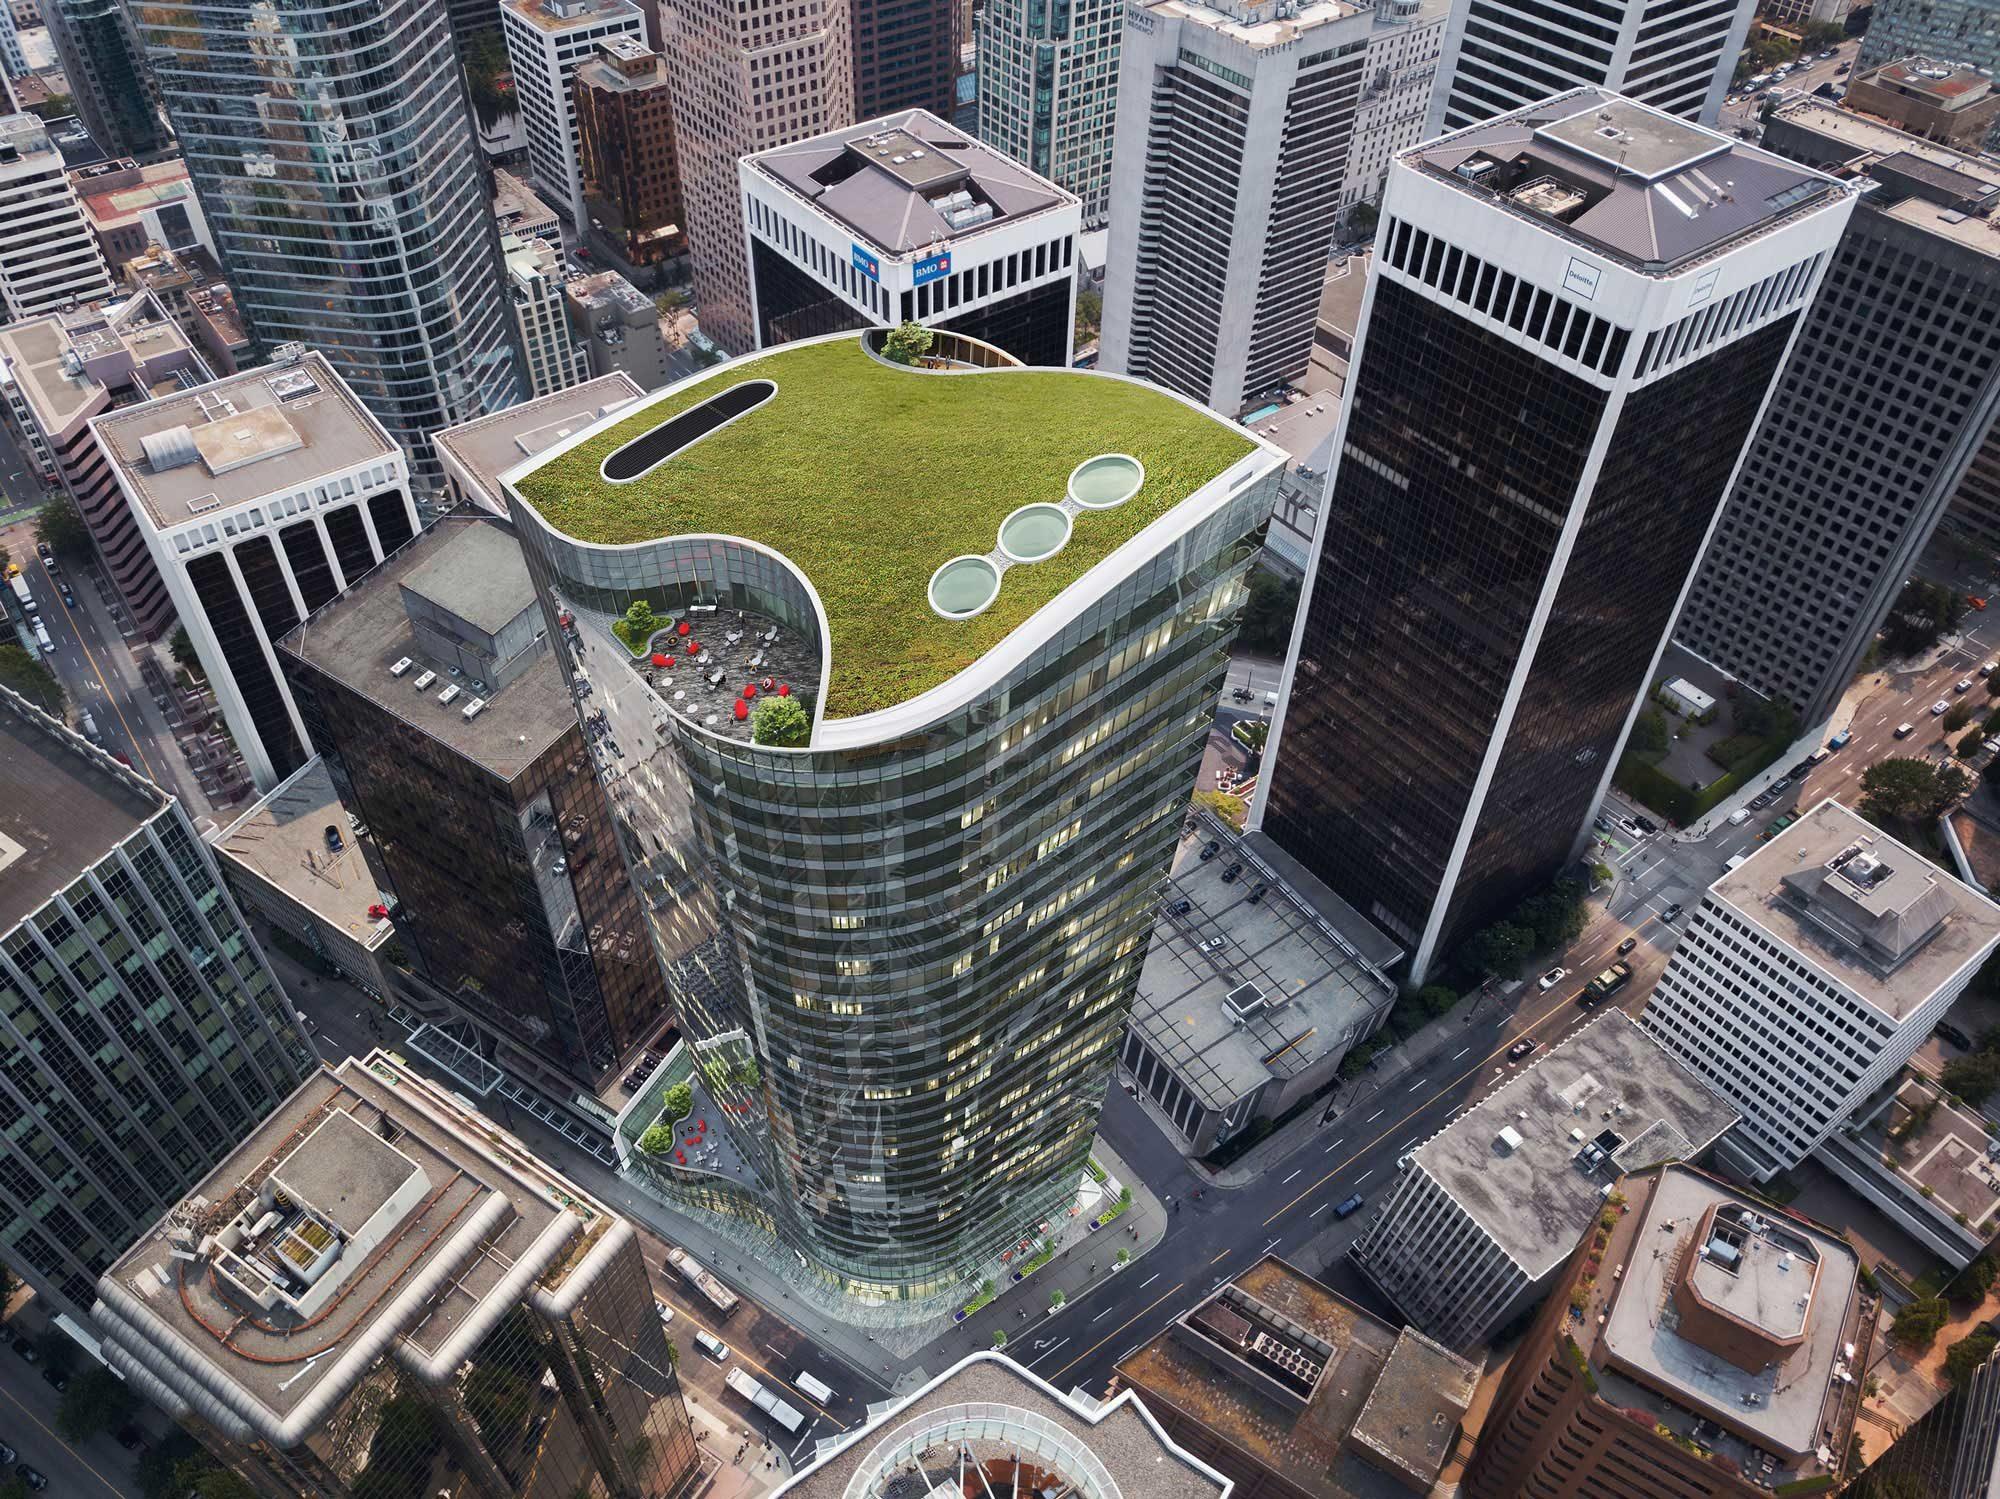 New renderings released of 1090 West Pender Street office tower